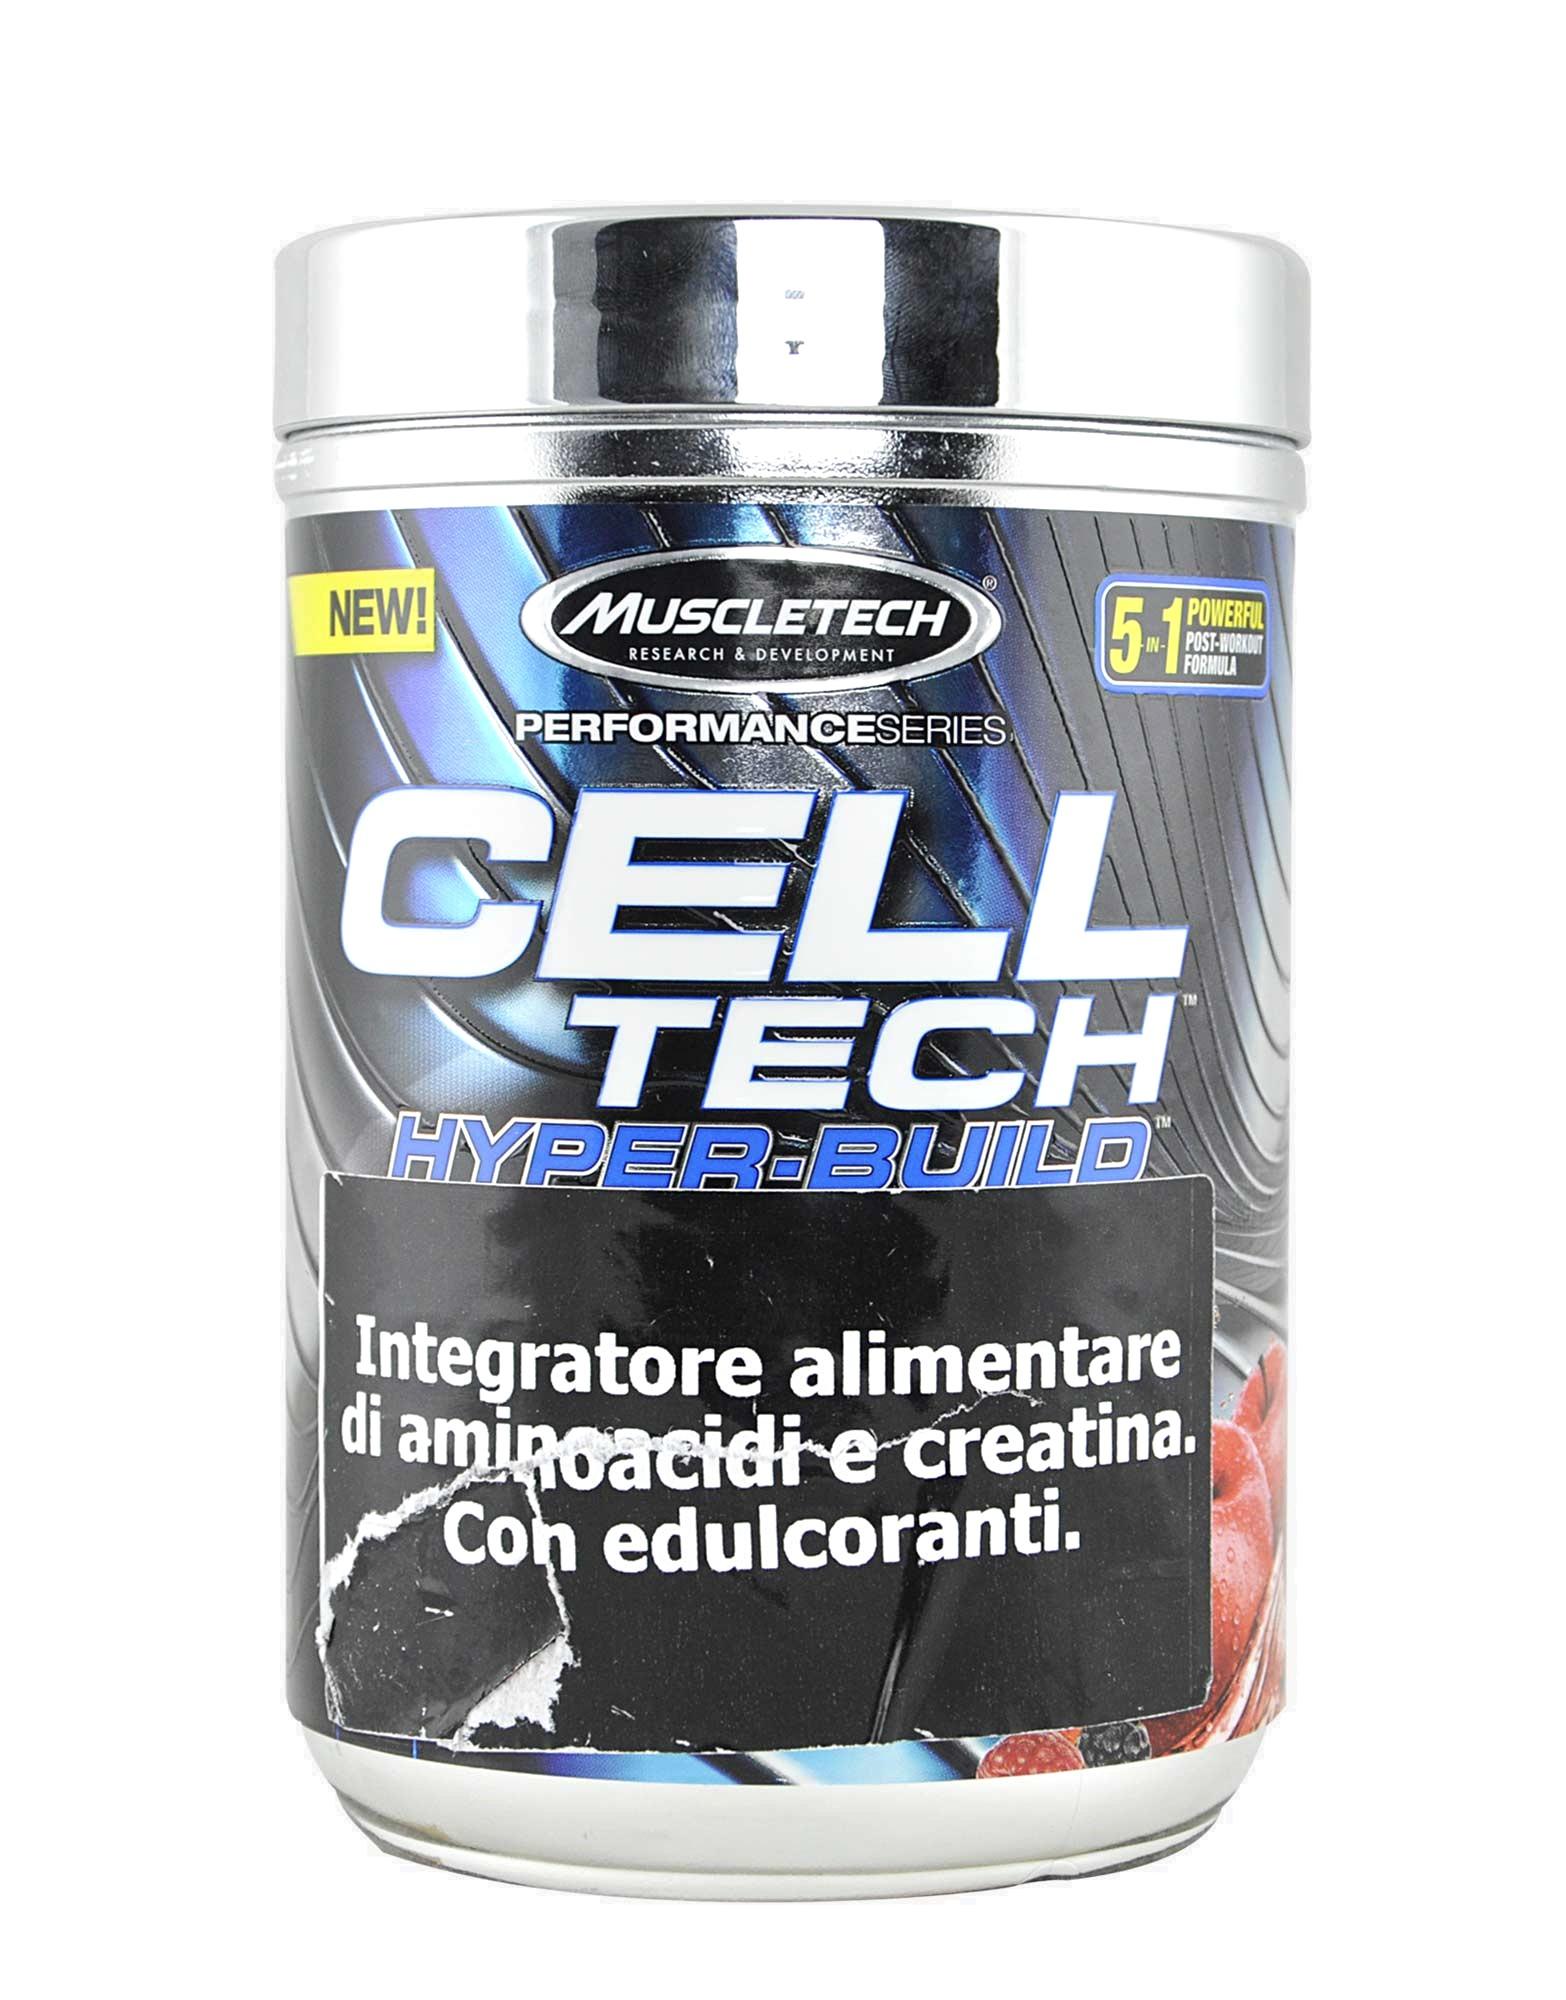 Cell Tech Hyper Build Performance Series Di Muscletech